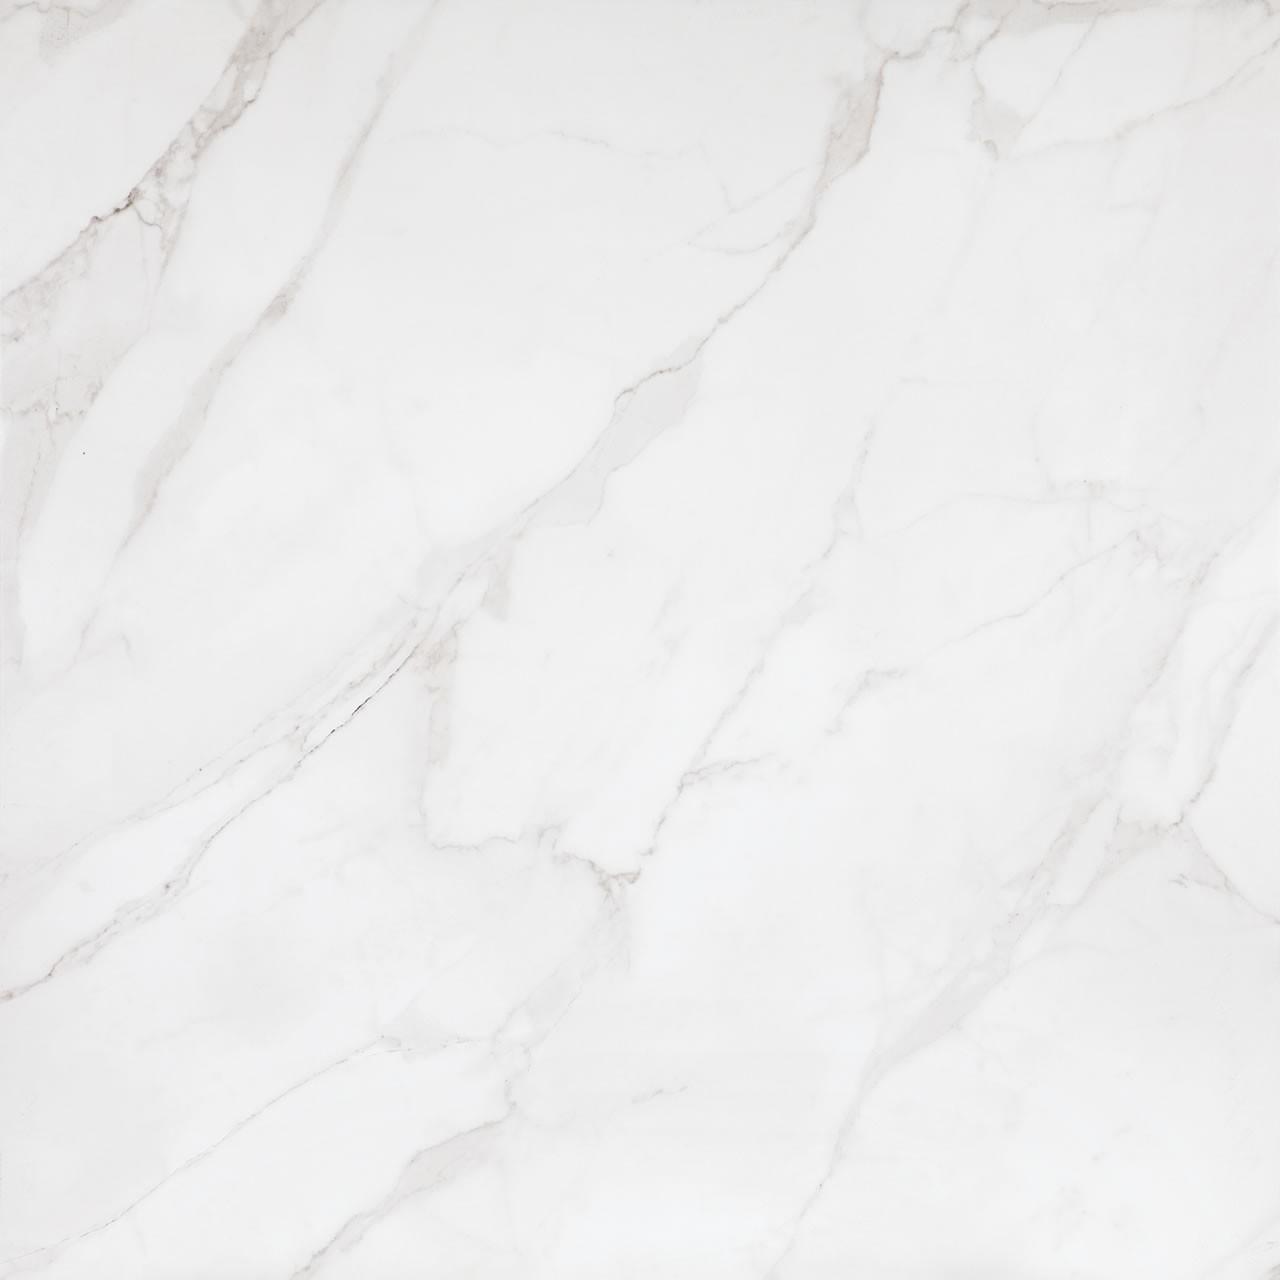 Porcelanato Mont Blanc Esmaltado Polido HD Tipo A Retificado 90x90cm 163m Branco - Eliane